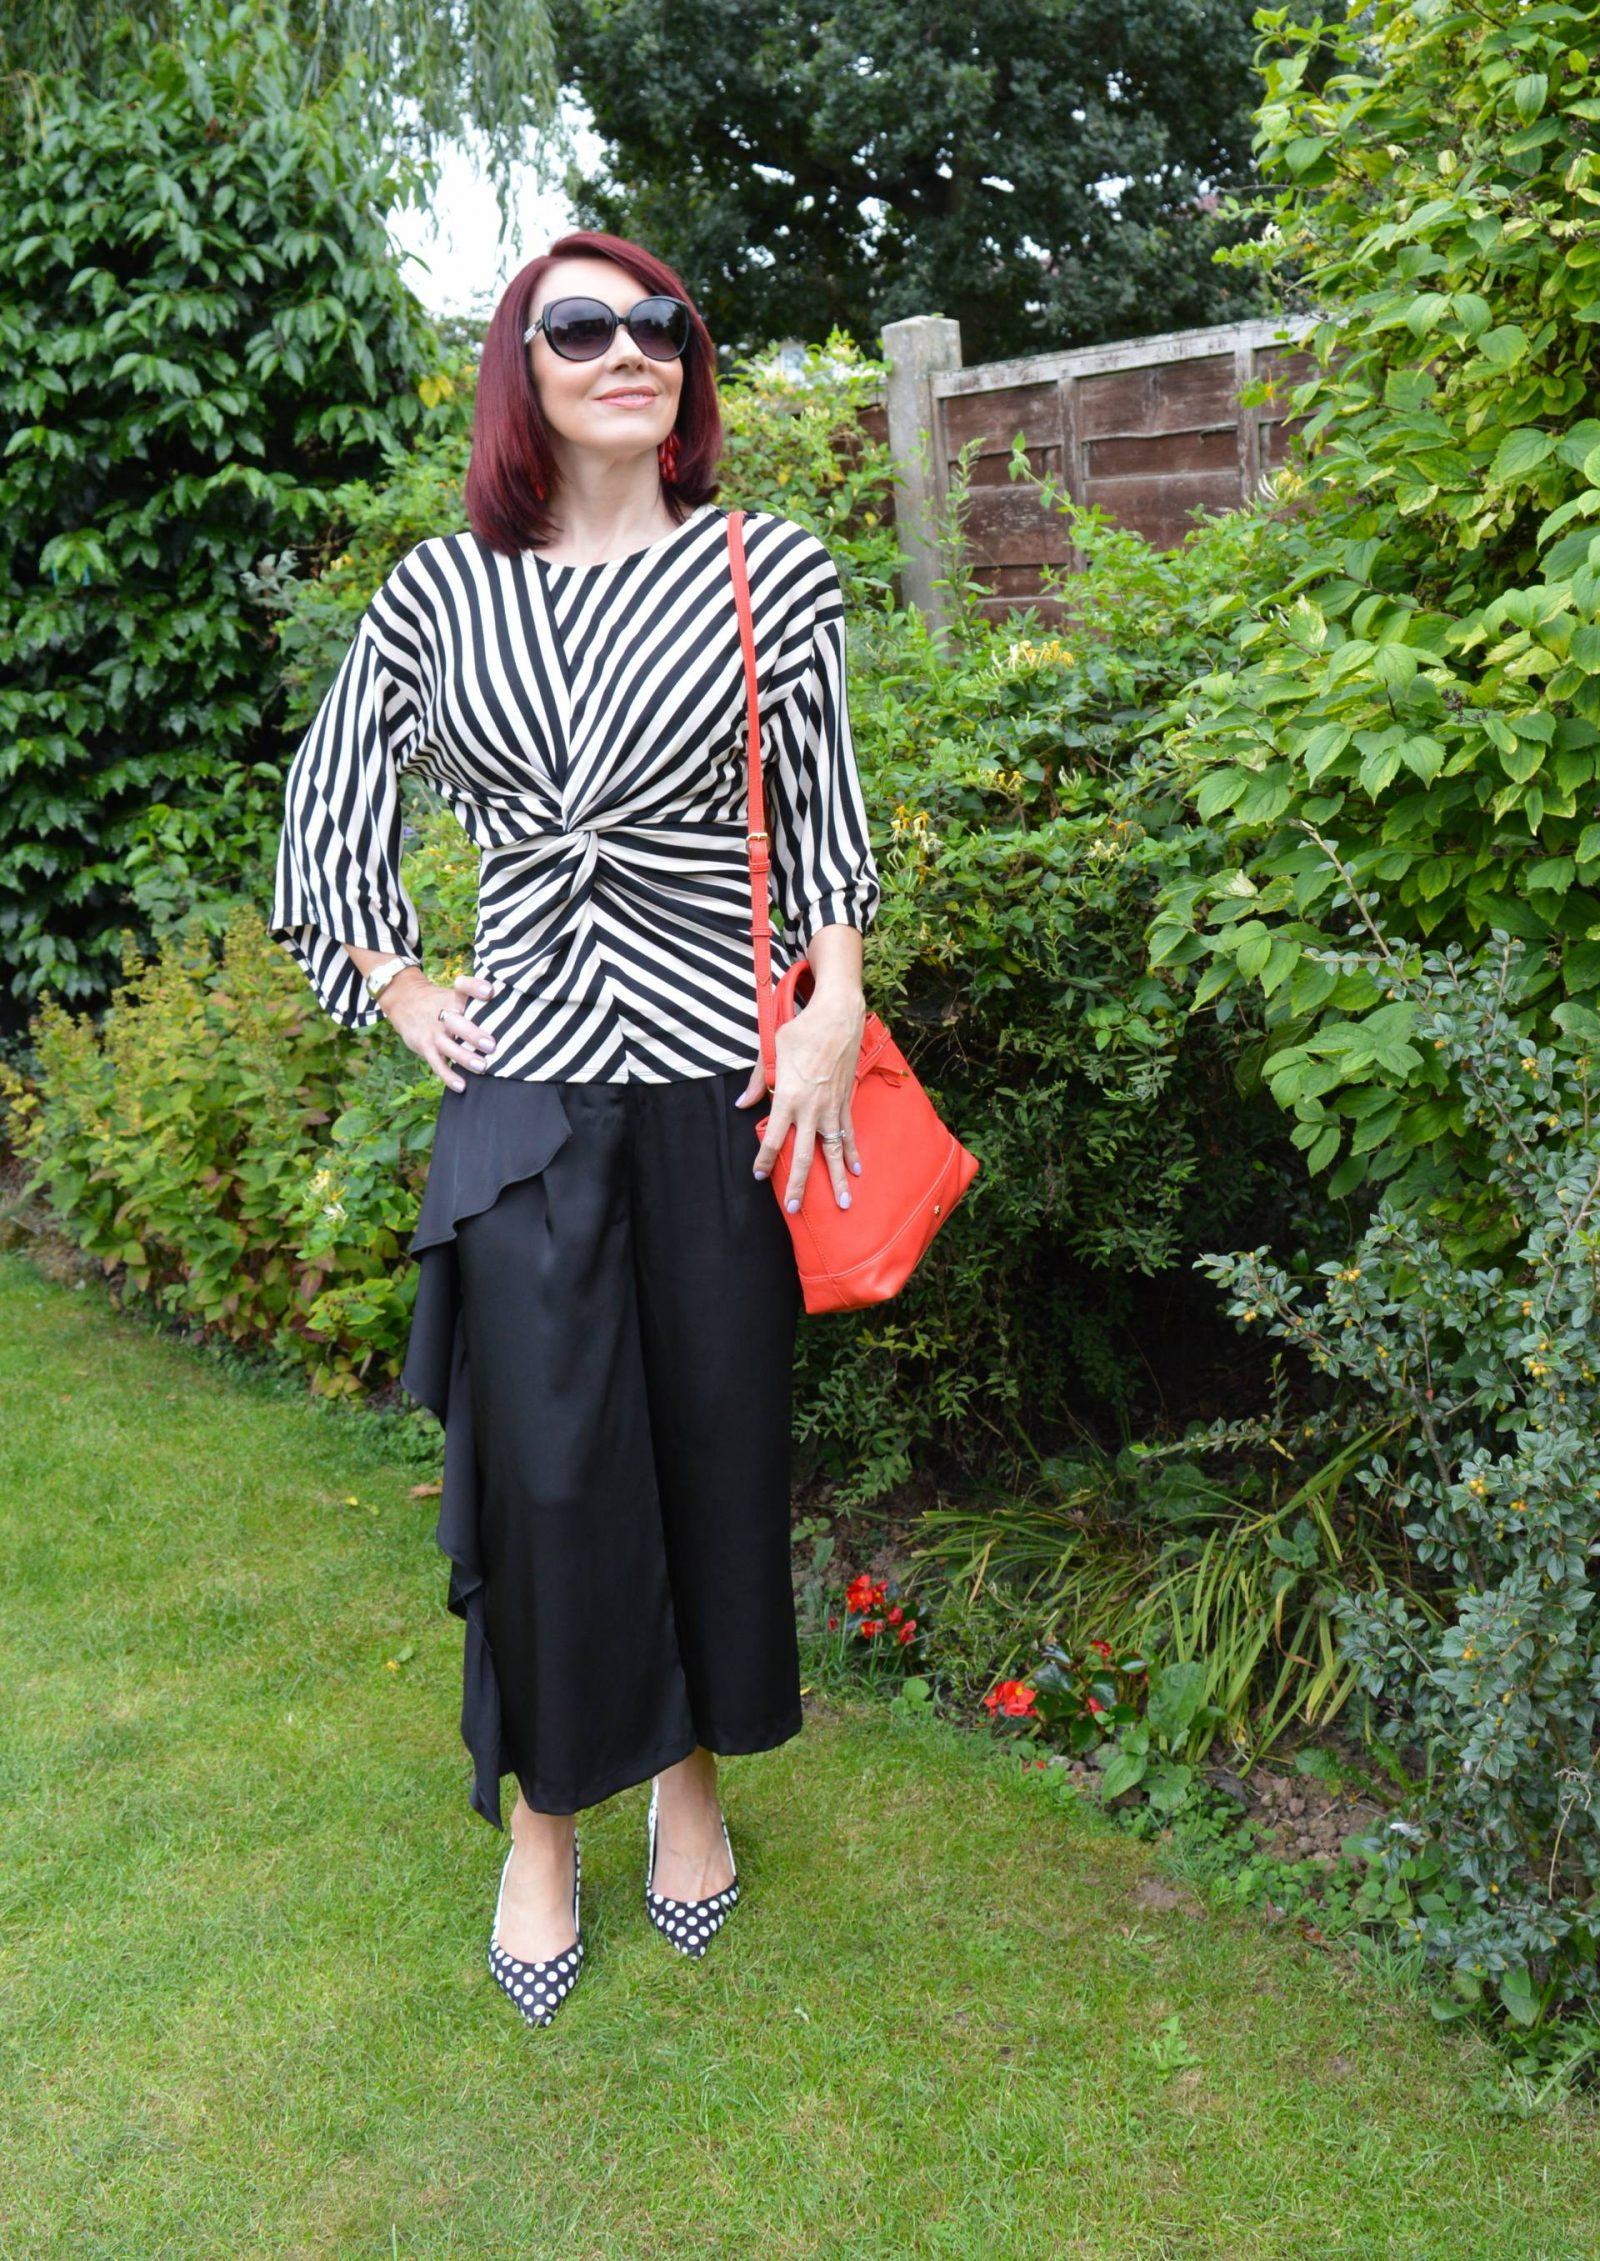 Stripes, polka dots and frills